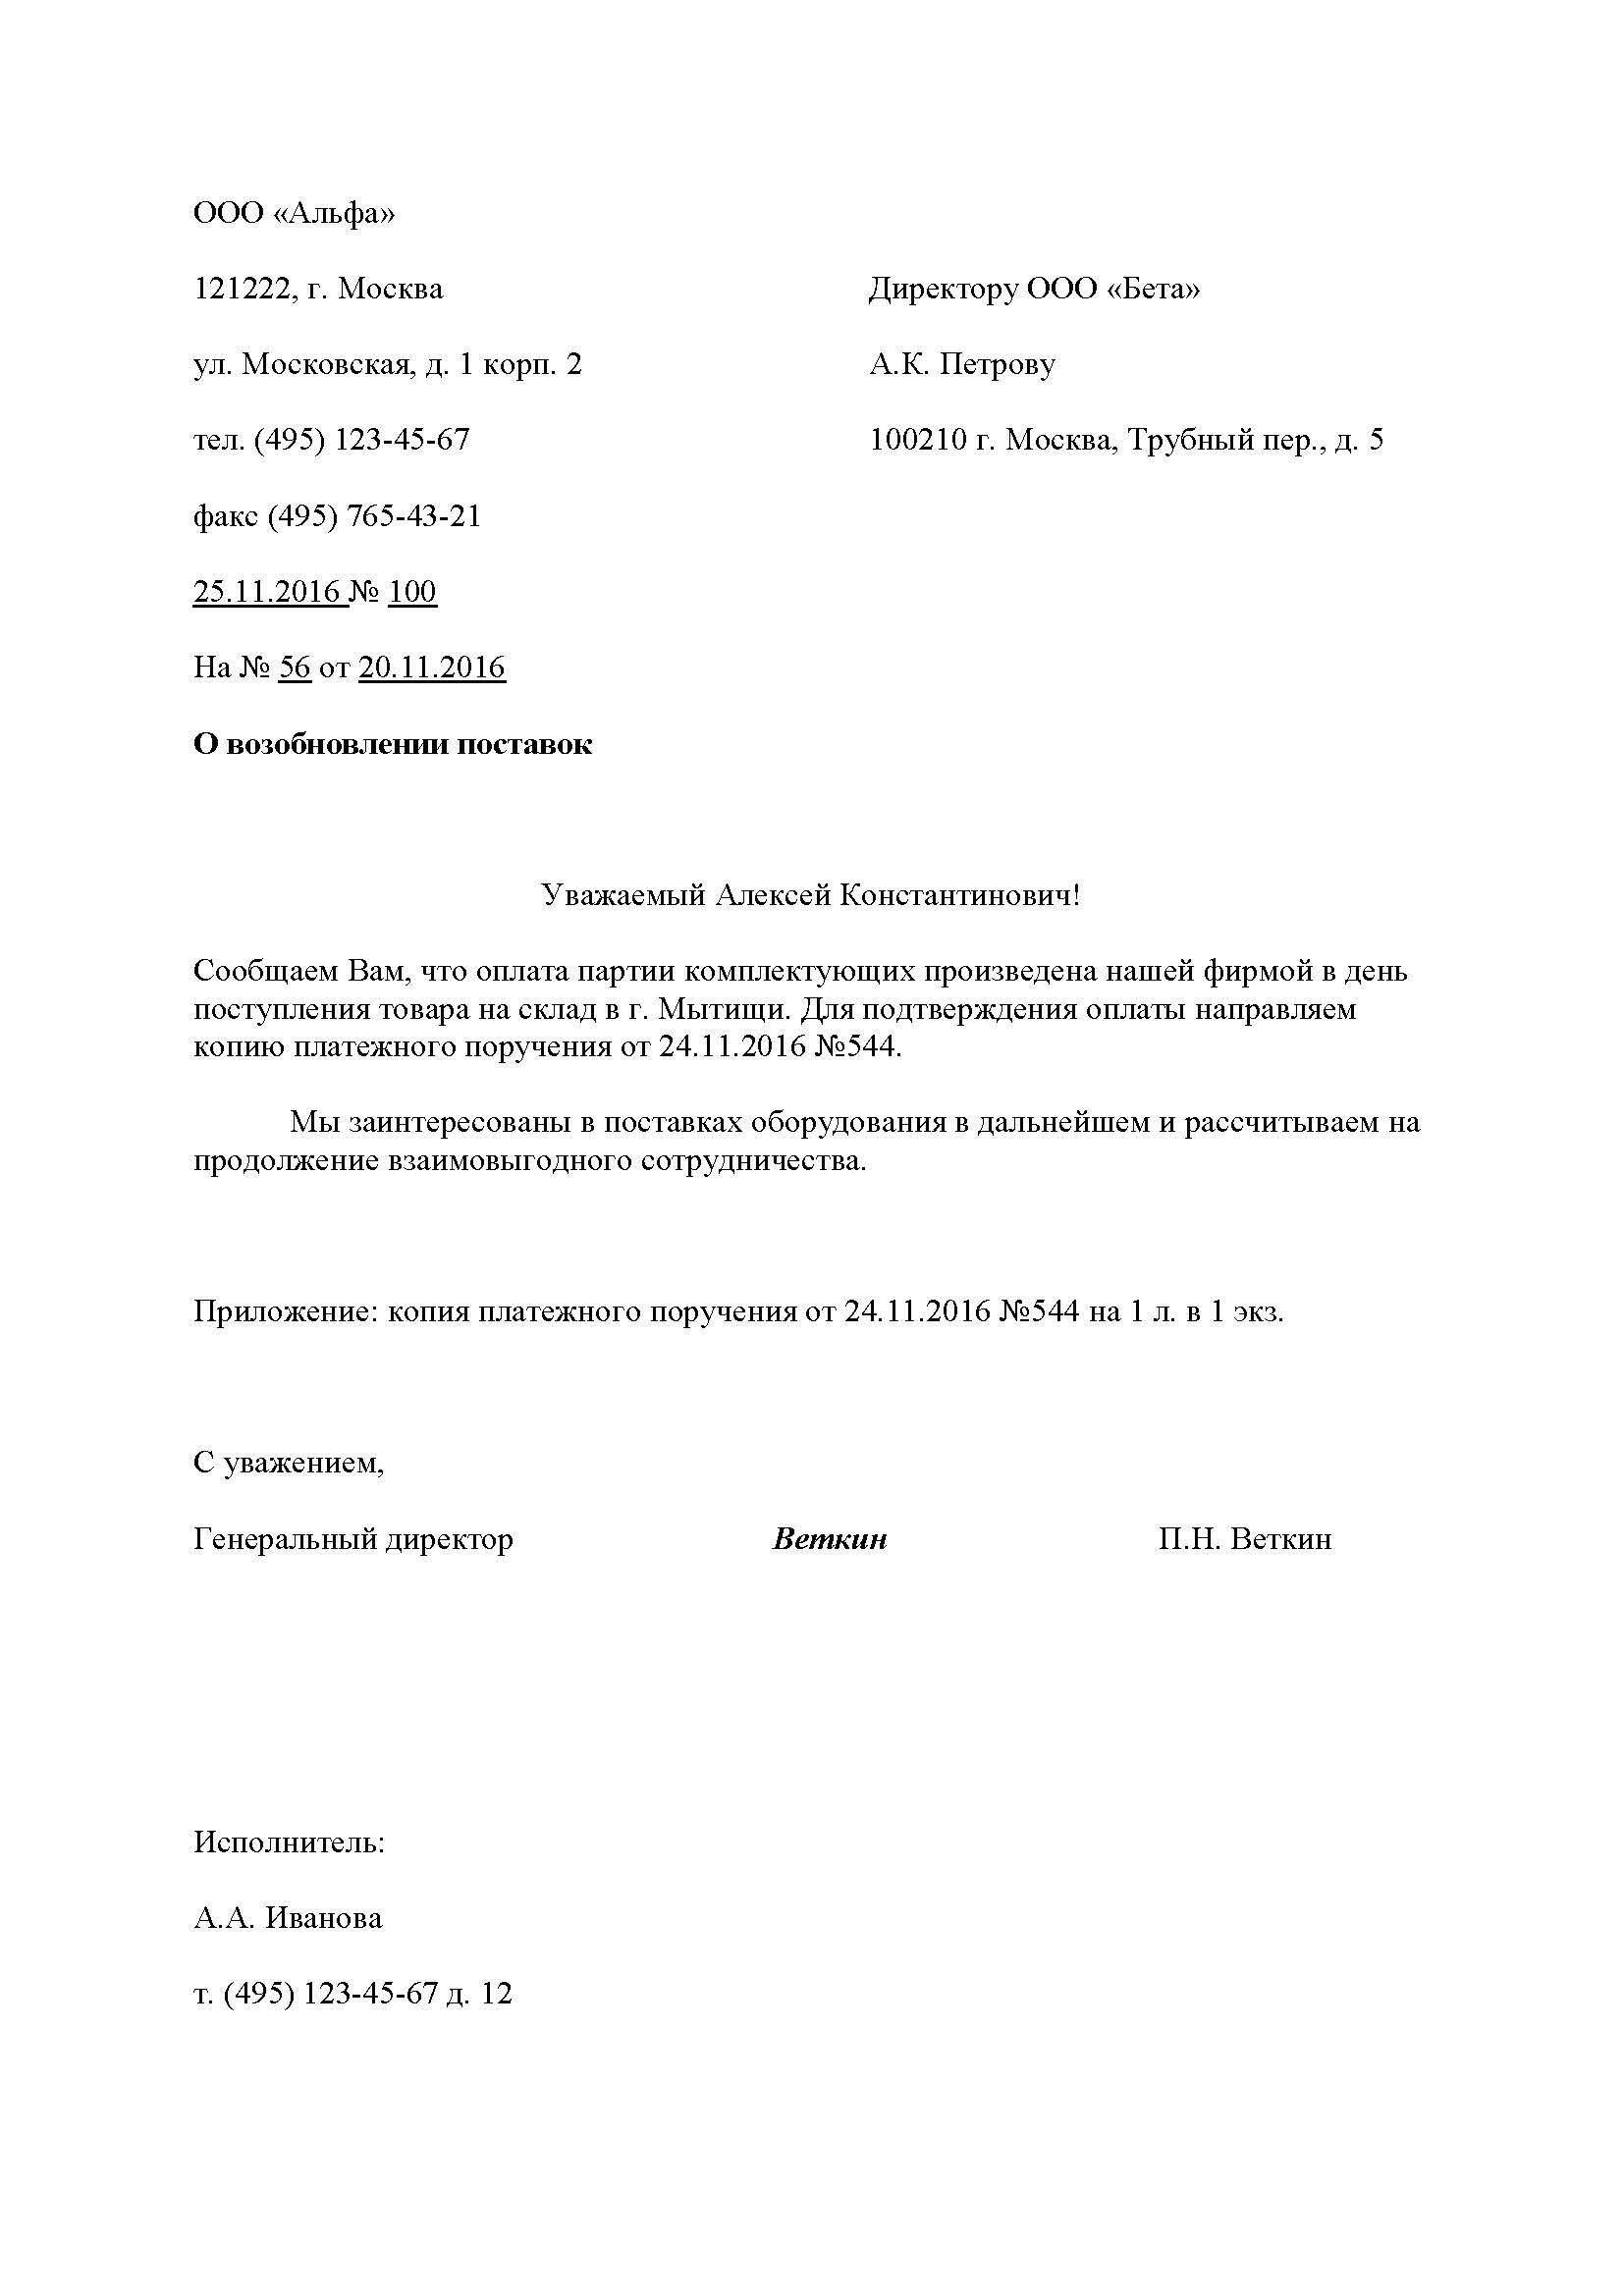 Служебные письма Статьи Журнал Справочник секретаря и офис  Образец служебного письма